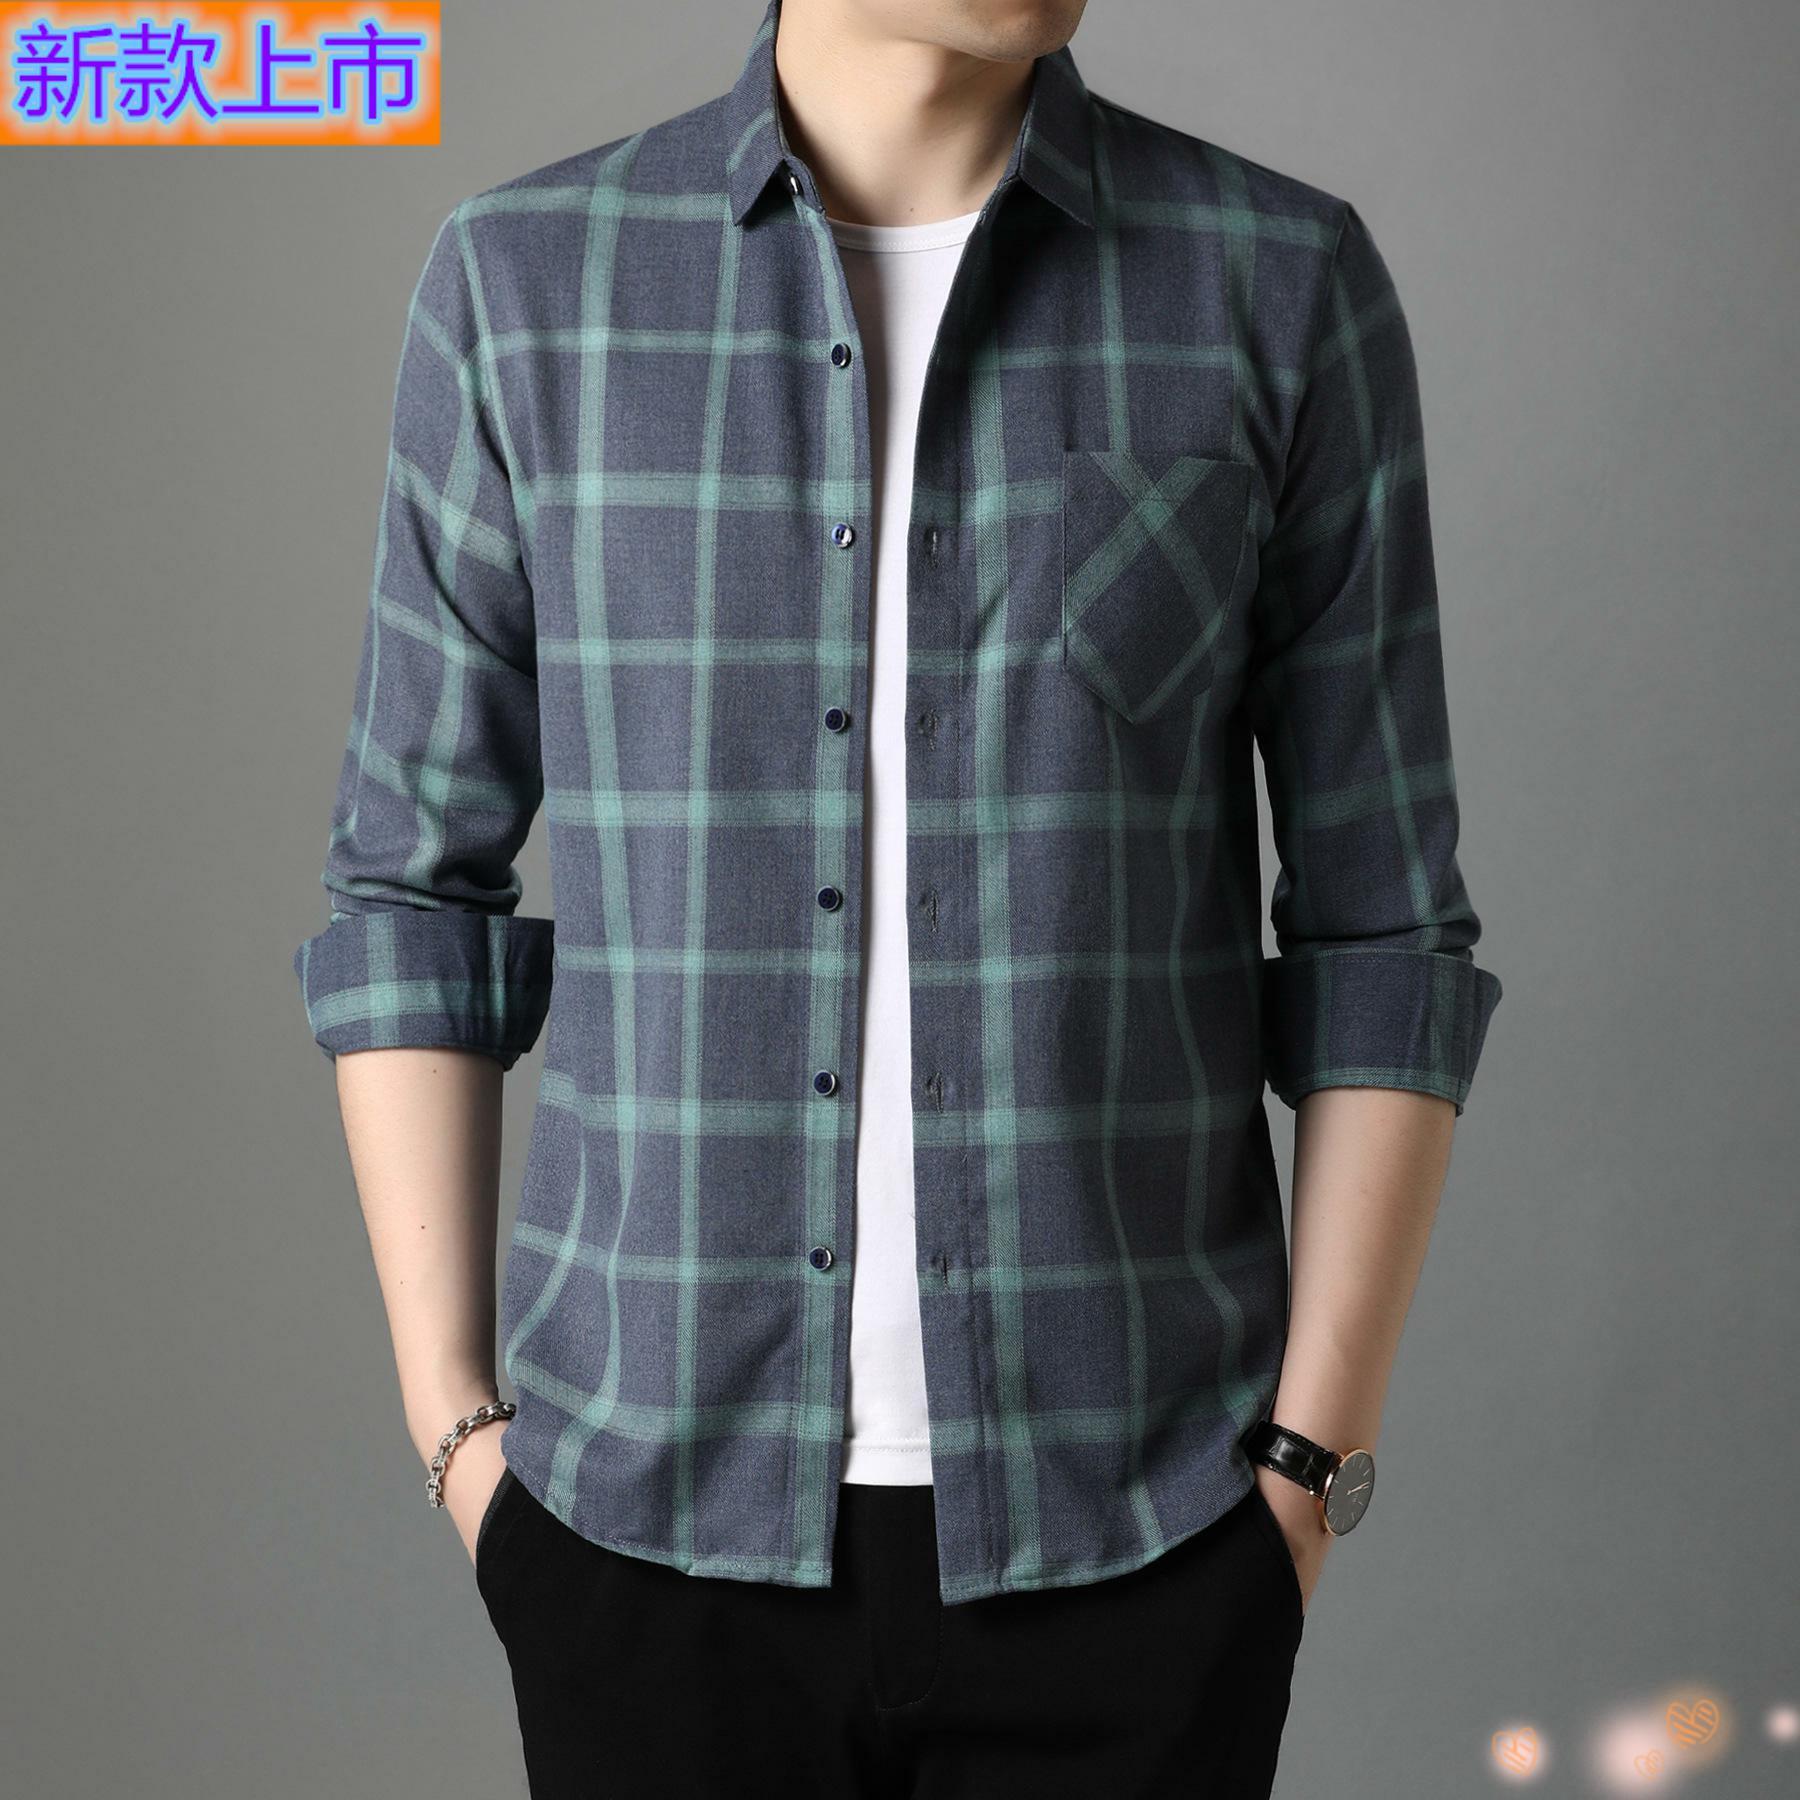 高档正品牌格子衬衫男秋季韩版中年男士长袖休闲男装潮流单上衣加